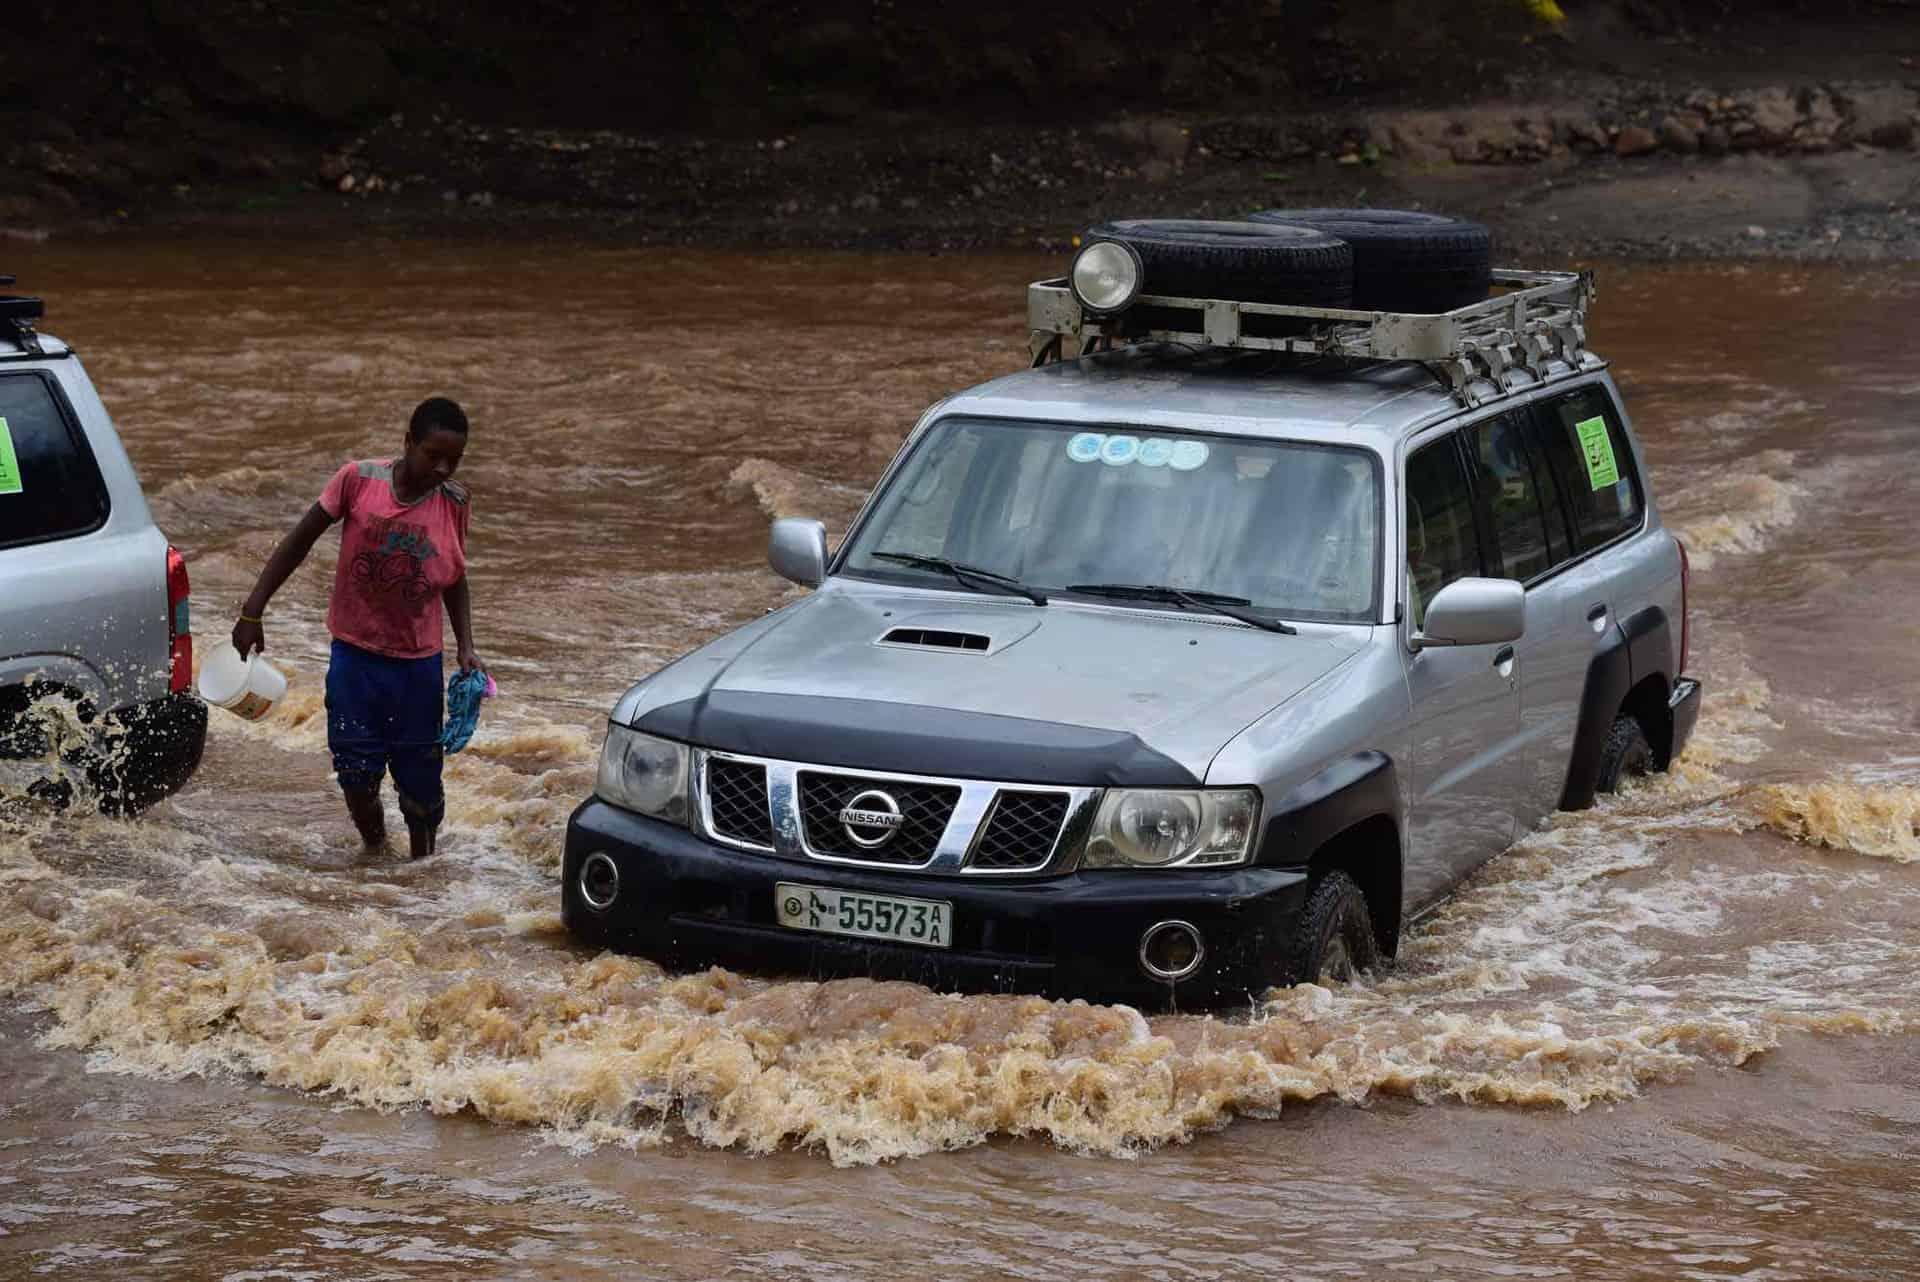 Bil kører gennem vandet i Etiopien